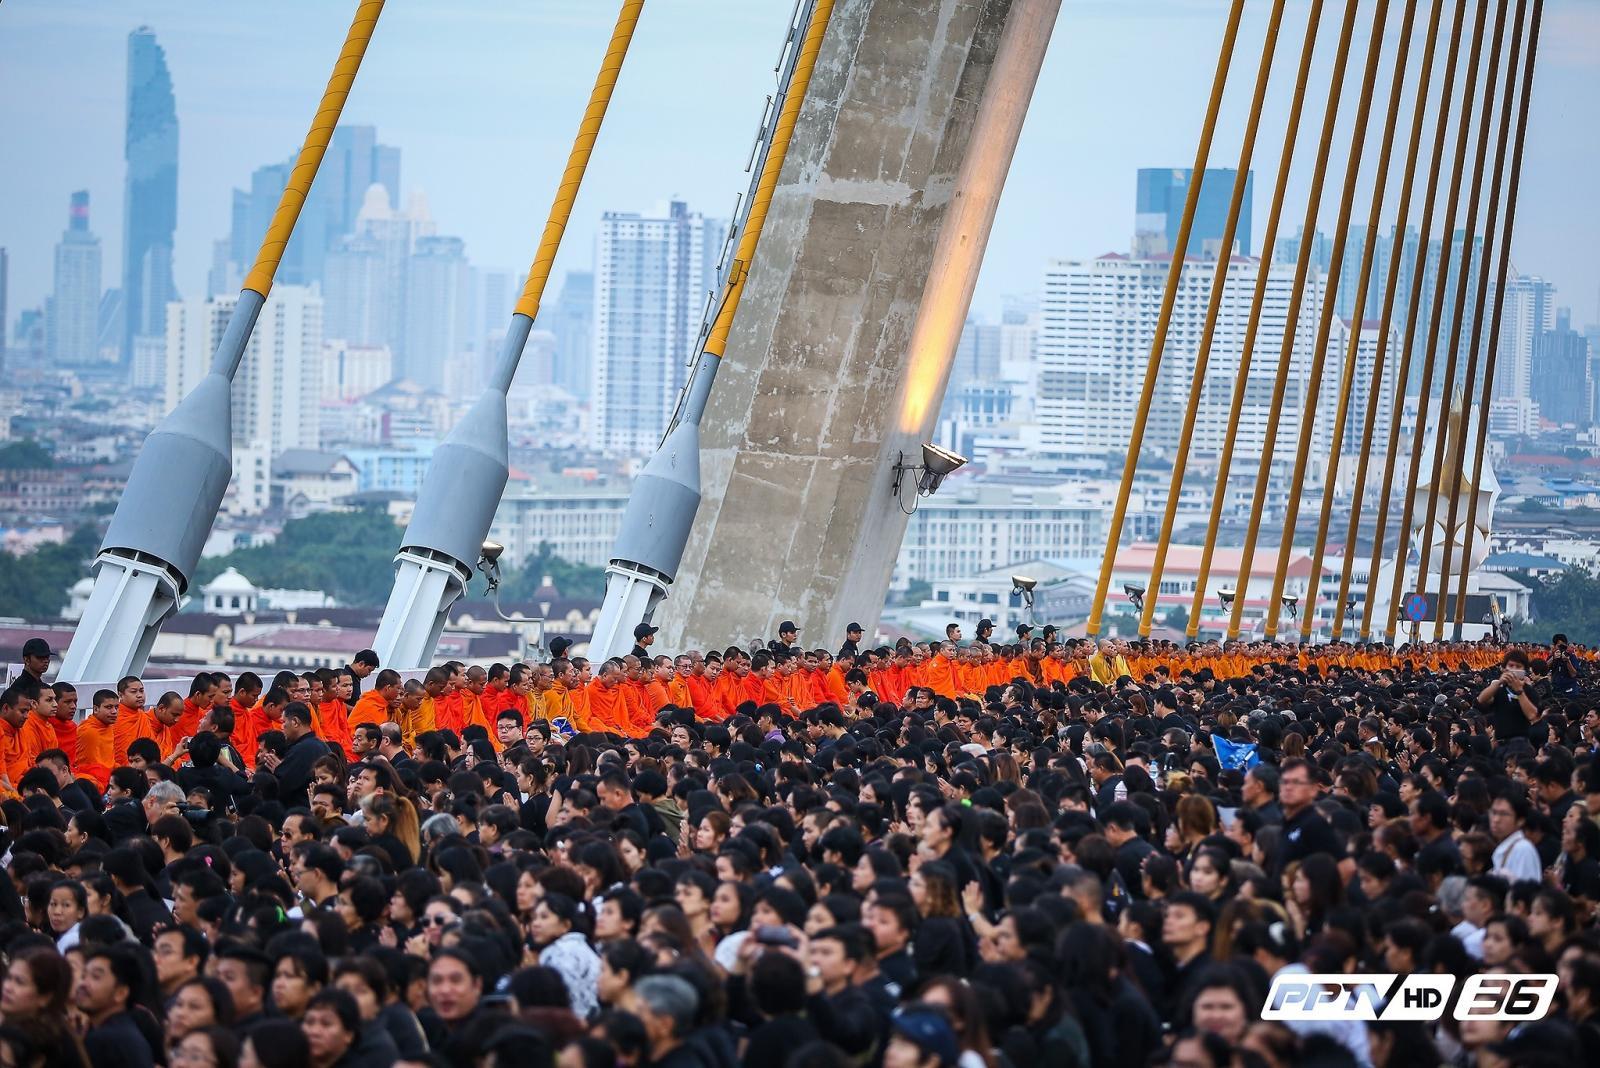 """พสกนิกรเนืองแน่นสะพานภูมิพล """"ร่วมสำนึกในพระมหากรุณาธิคุณ 5 ธันวาคม 2559"""""""